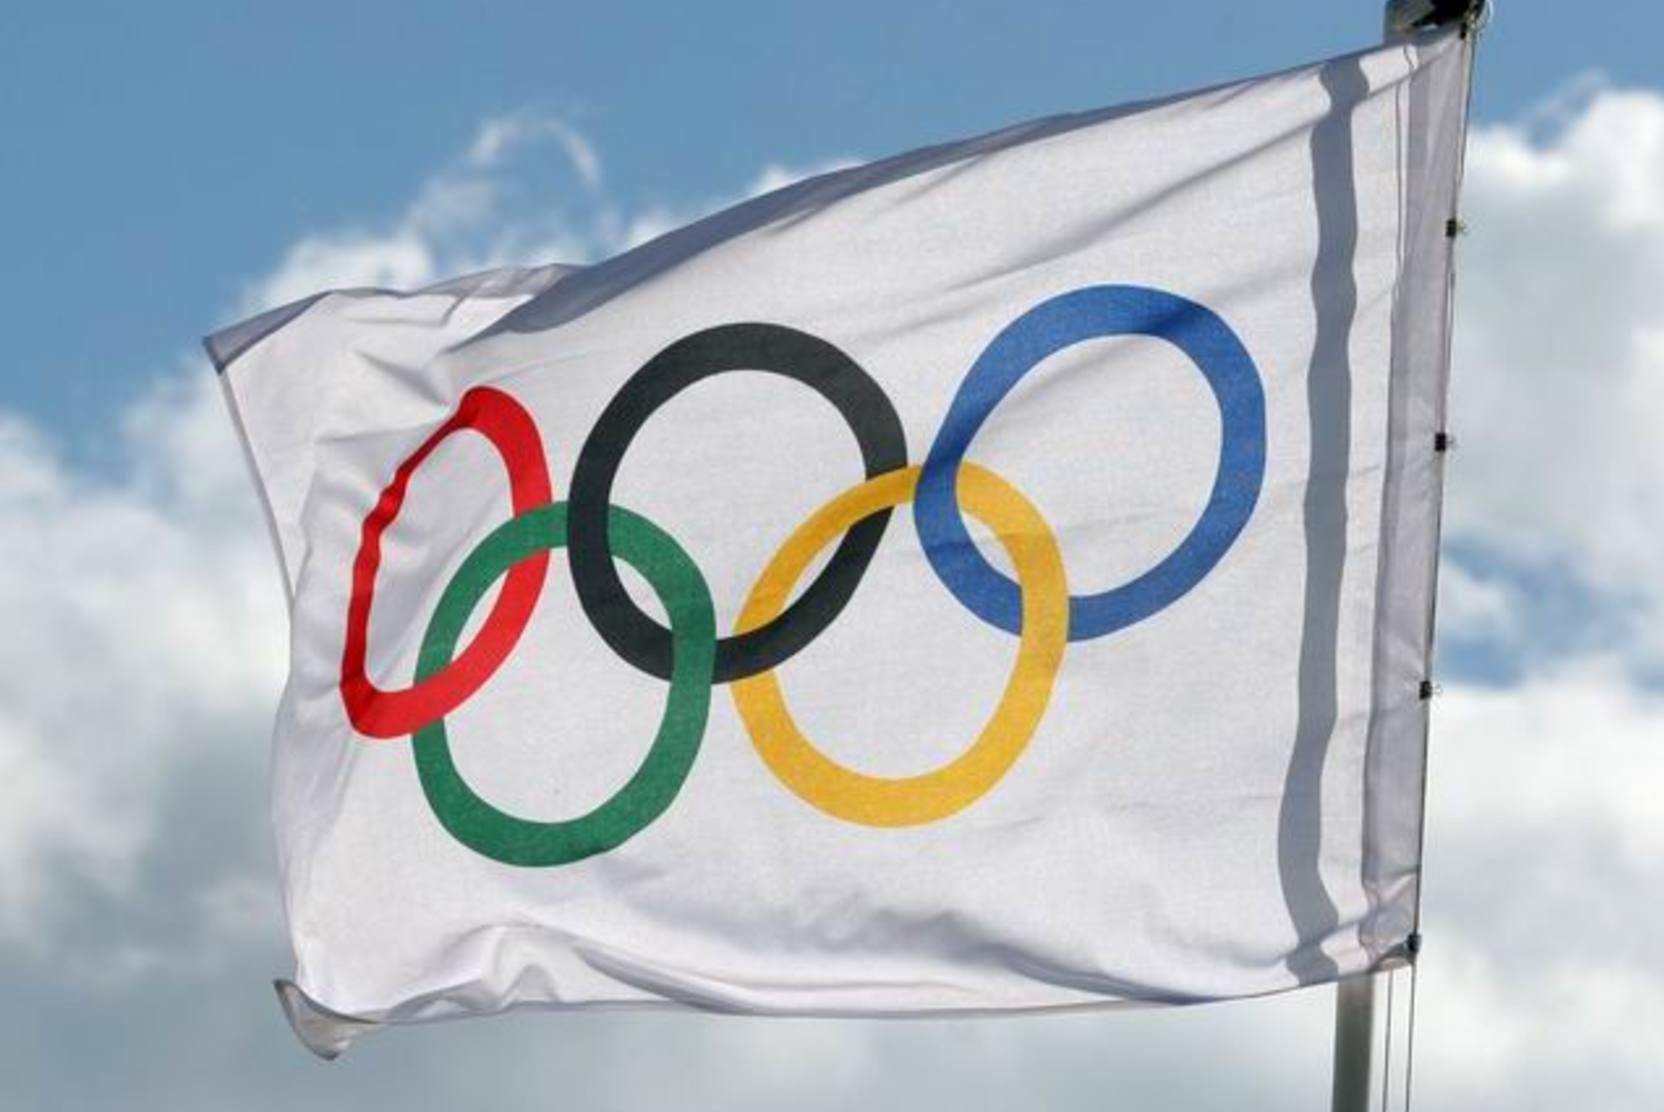 В ОКР прокомментировали запрет «Катюши» на Олимпийских играх